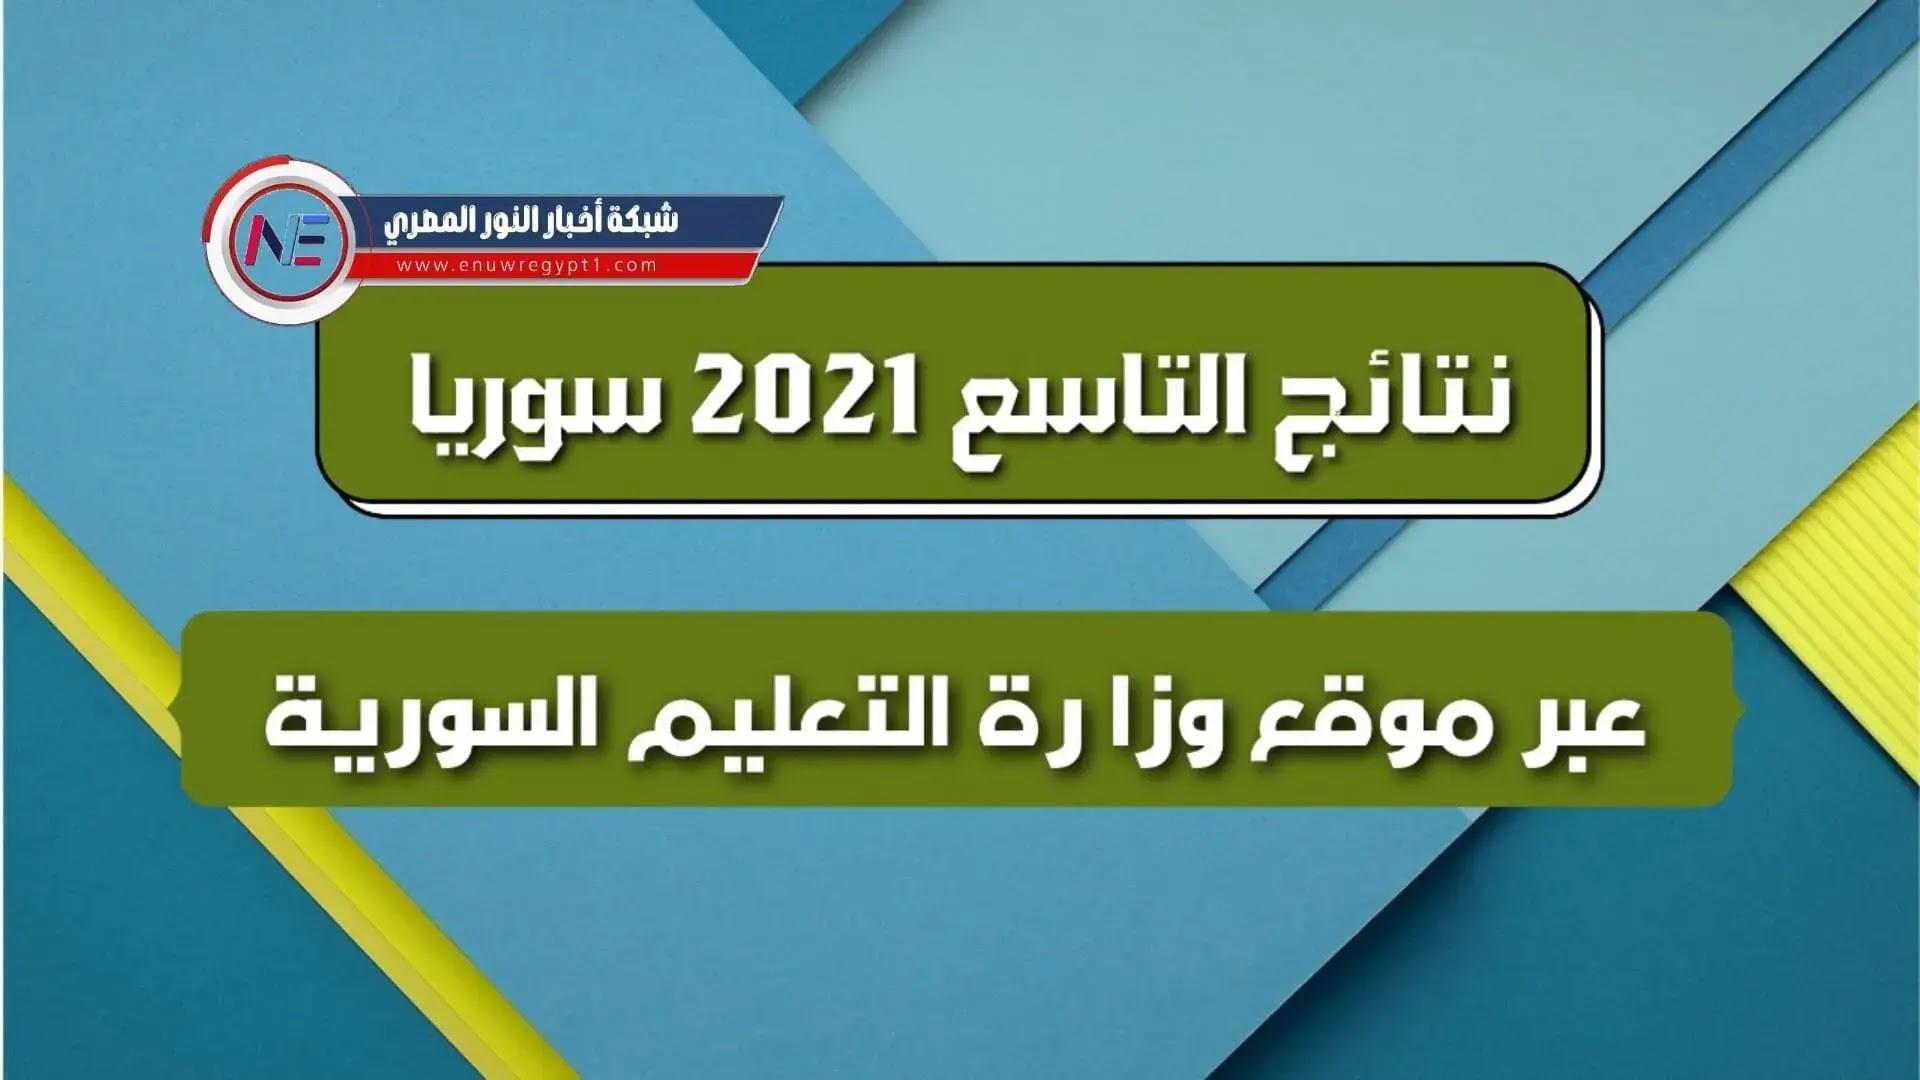 صدرت فورا.. نتائج التاسع سوريا 2021 عبر موقع وزارة التربية السورية moed.gov.sy التعليم الأساسي